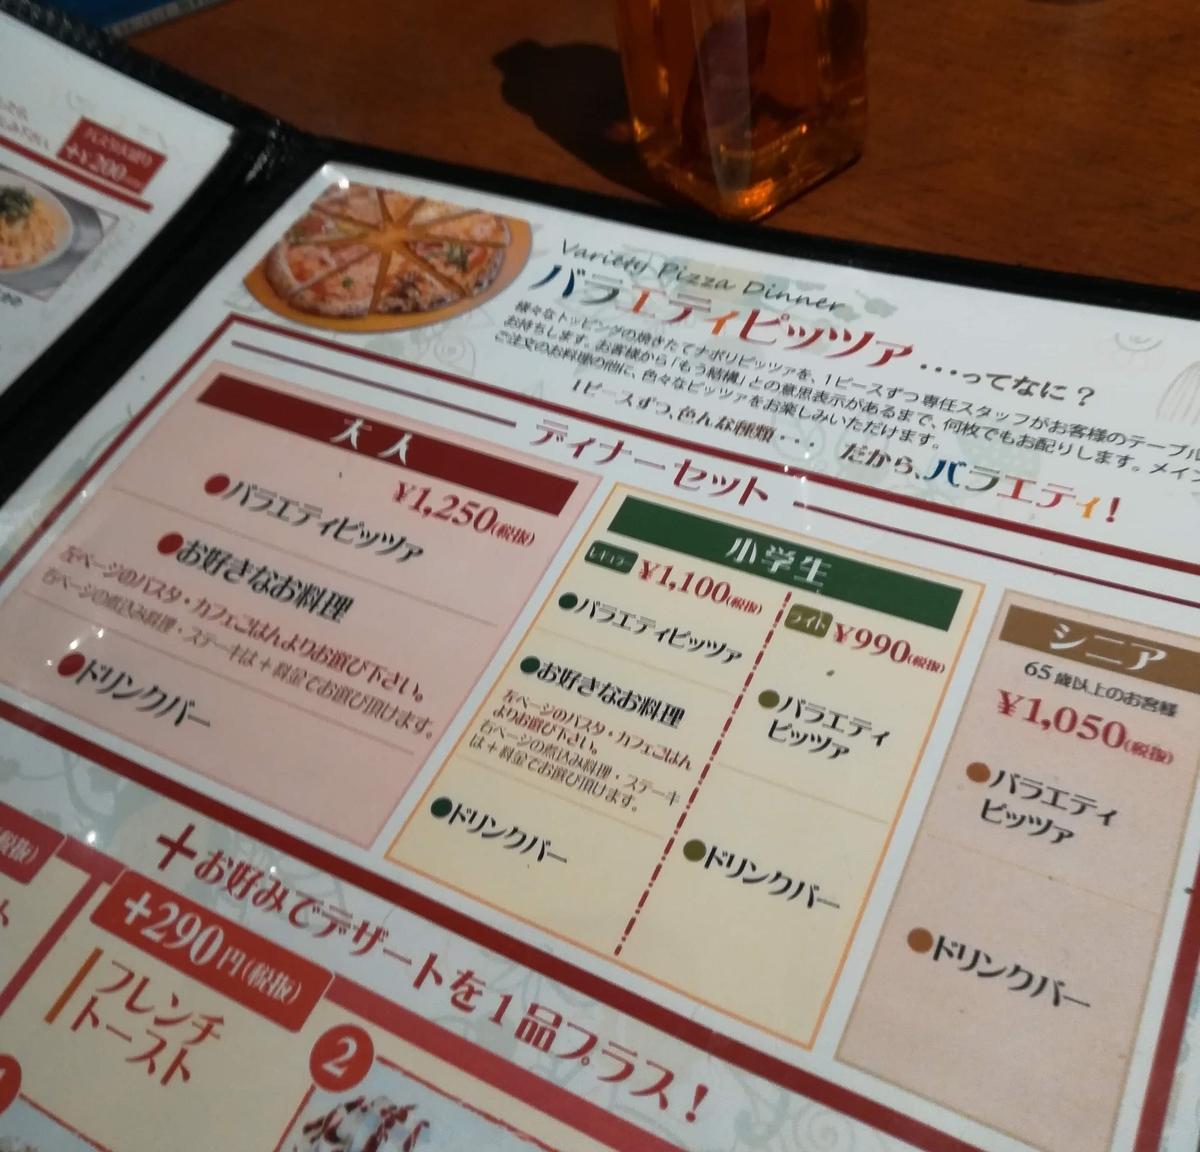 ナポリの食卓ではバラエティピッツァのセットがおすすめ!